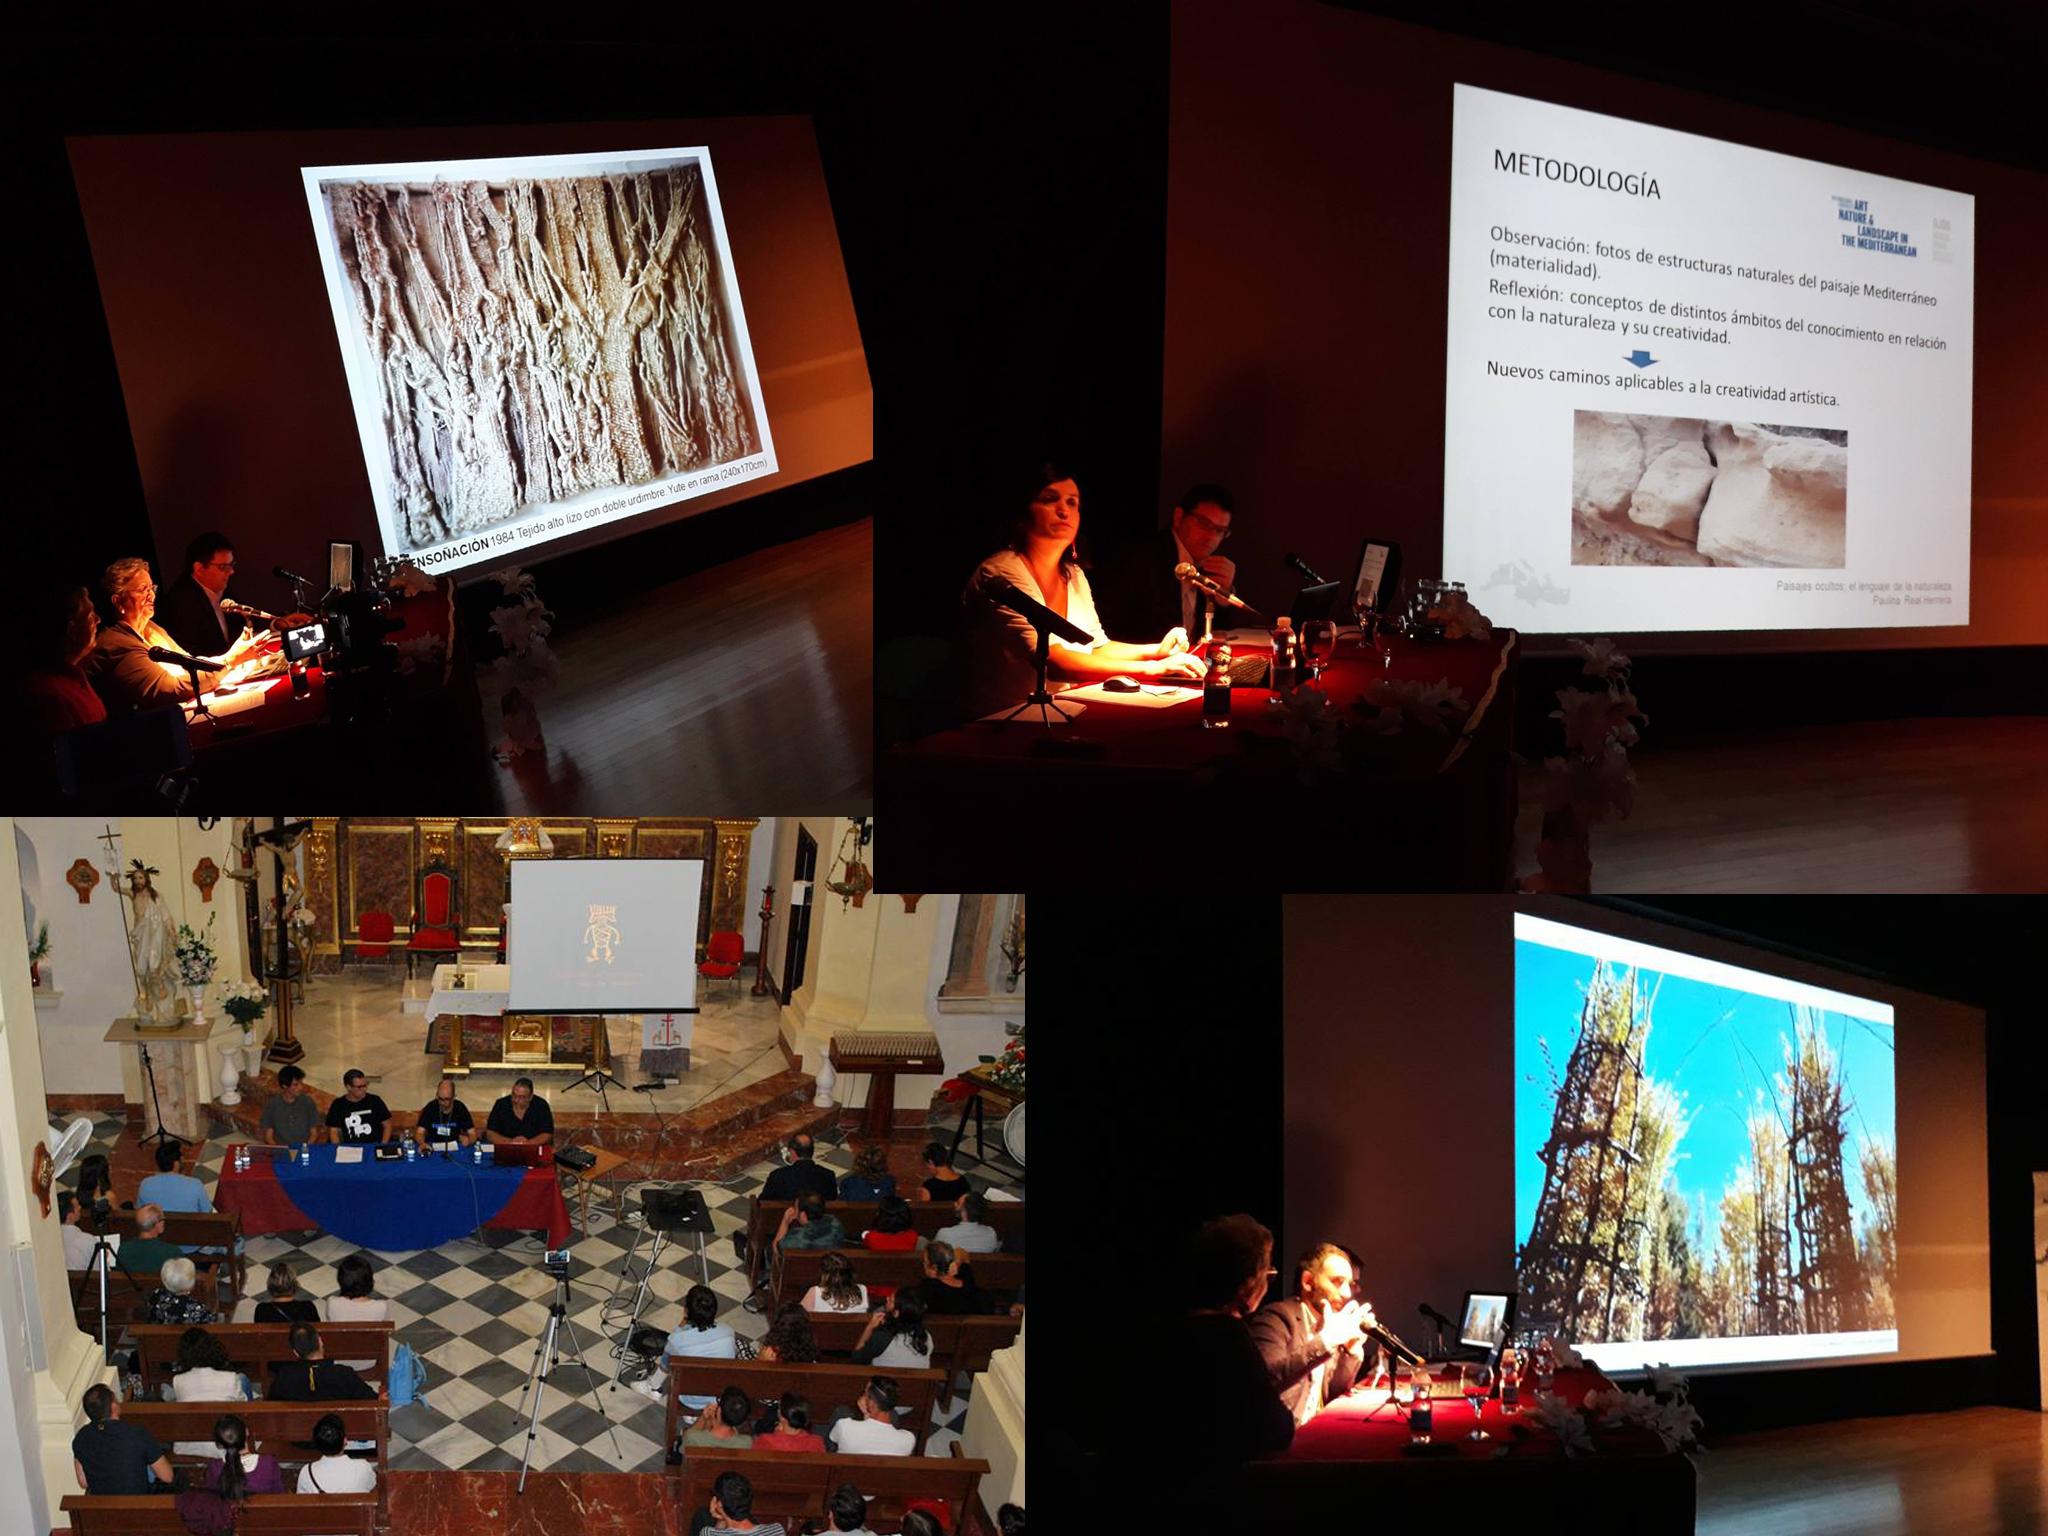 Varias ponencias. Imagen: Congreso Internacional de Arte, Naturaleza y Paisaje en el Mediterráneo